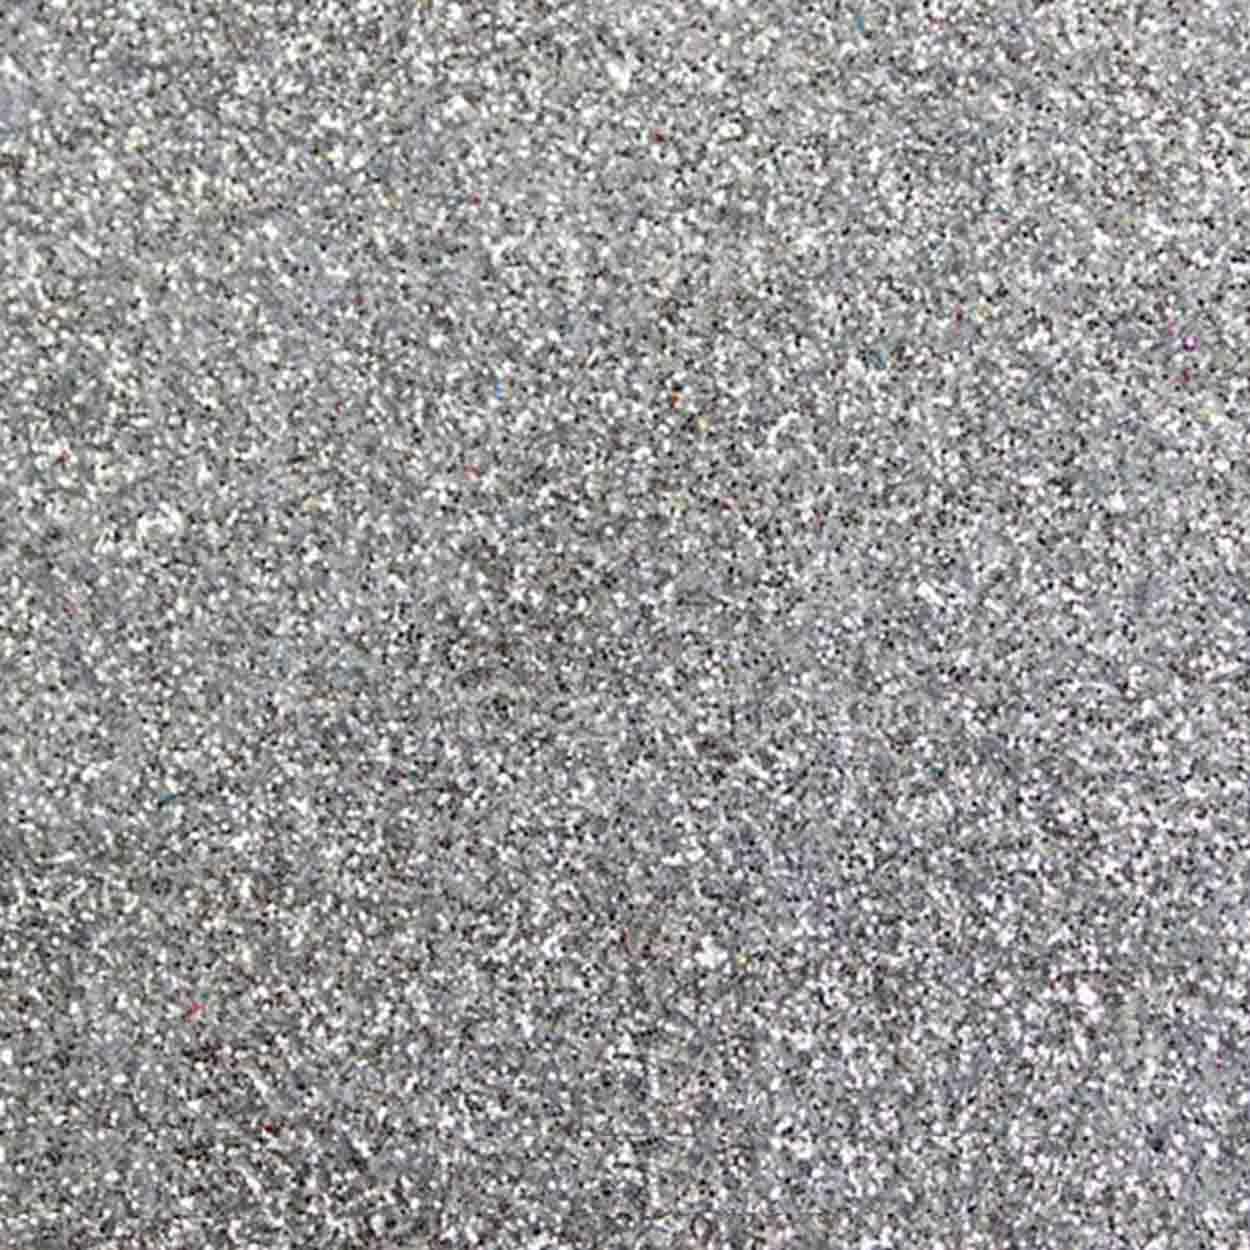 Purpurina Glitter - Prata - 500g